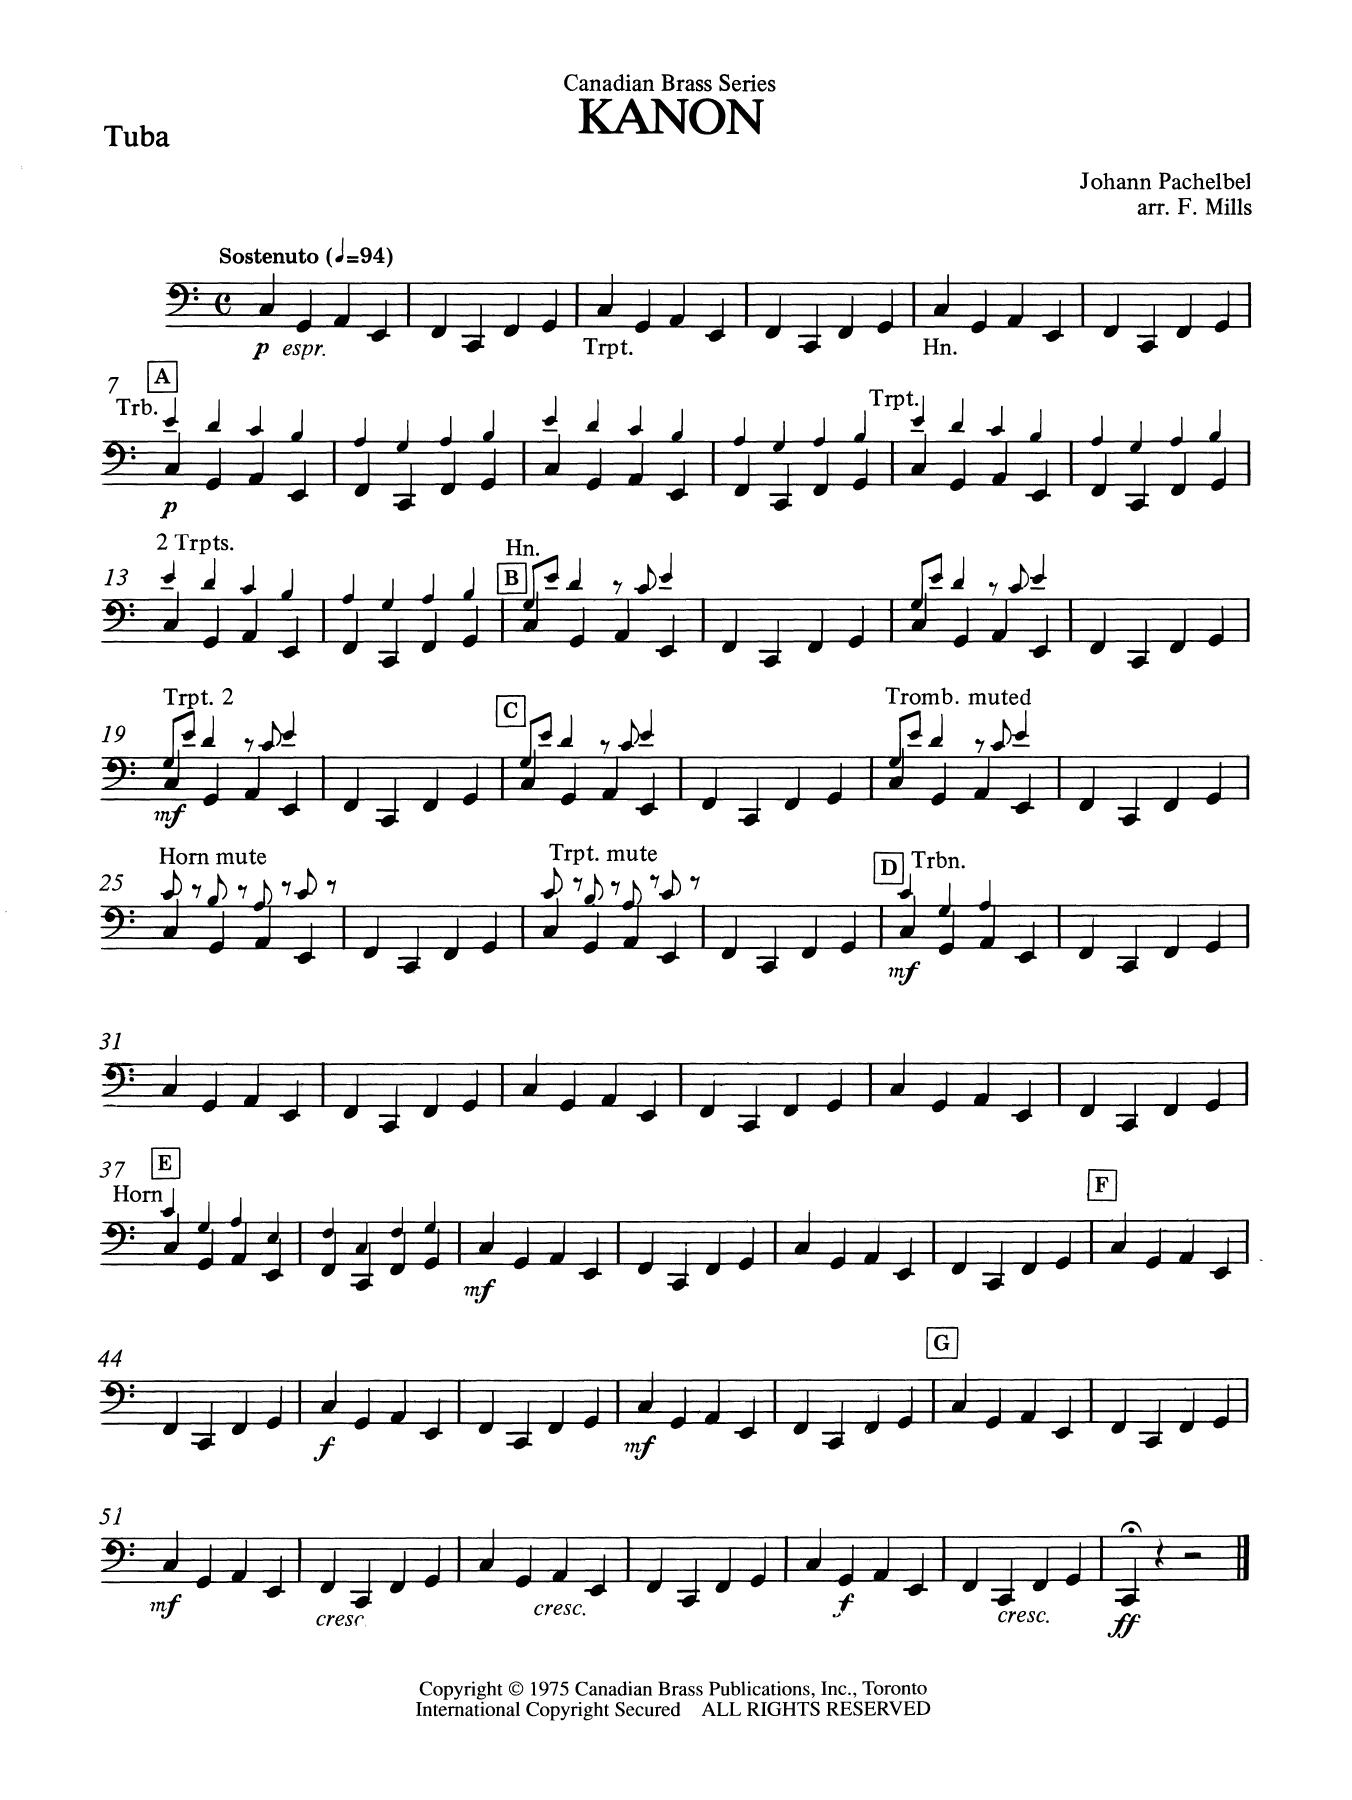 Kanon - Tuba Digitale Noten